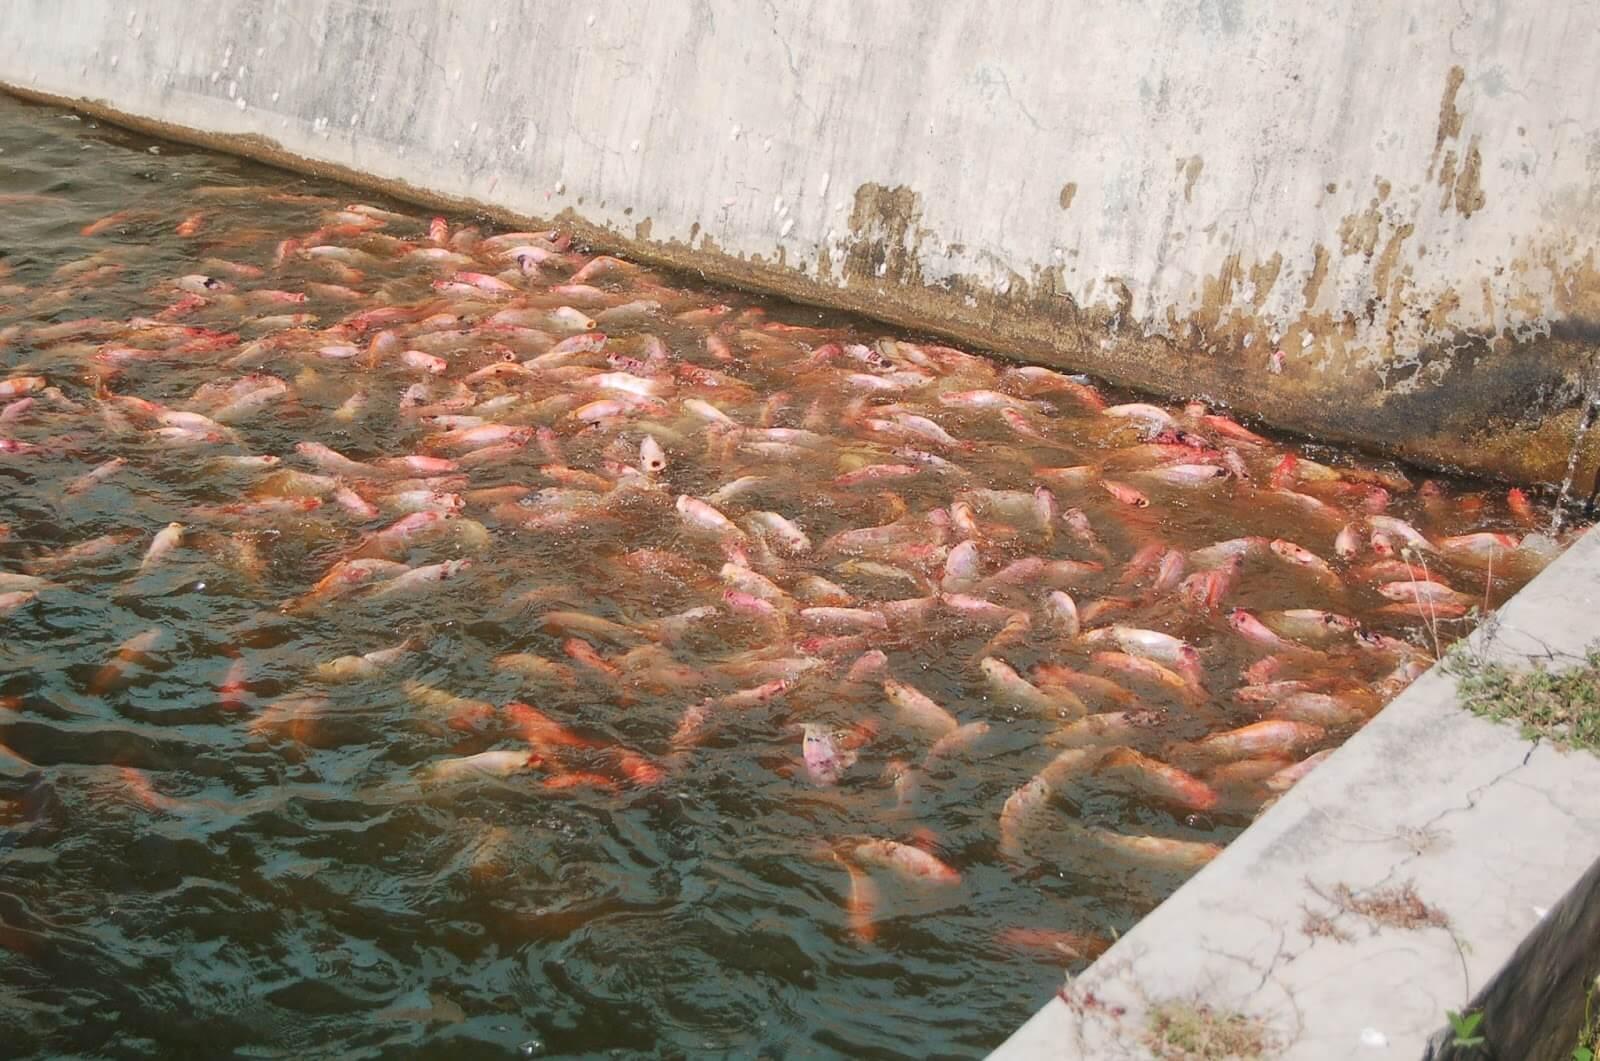 Berapa Ukuran Kolam Ikan Nila 1000 Ekor?